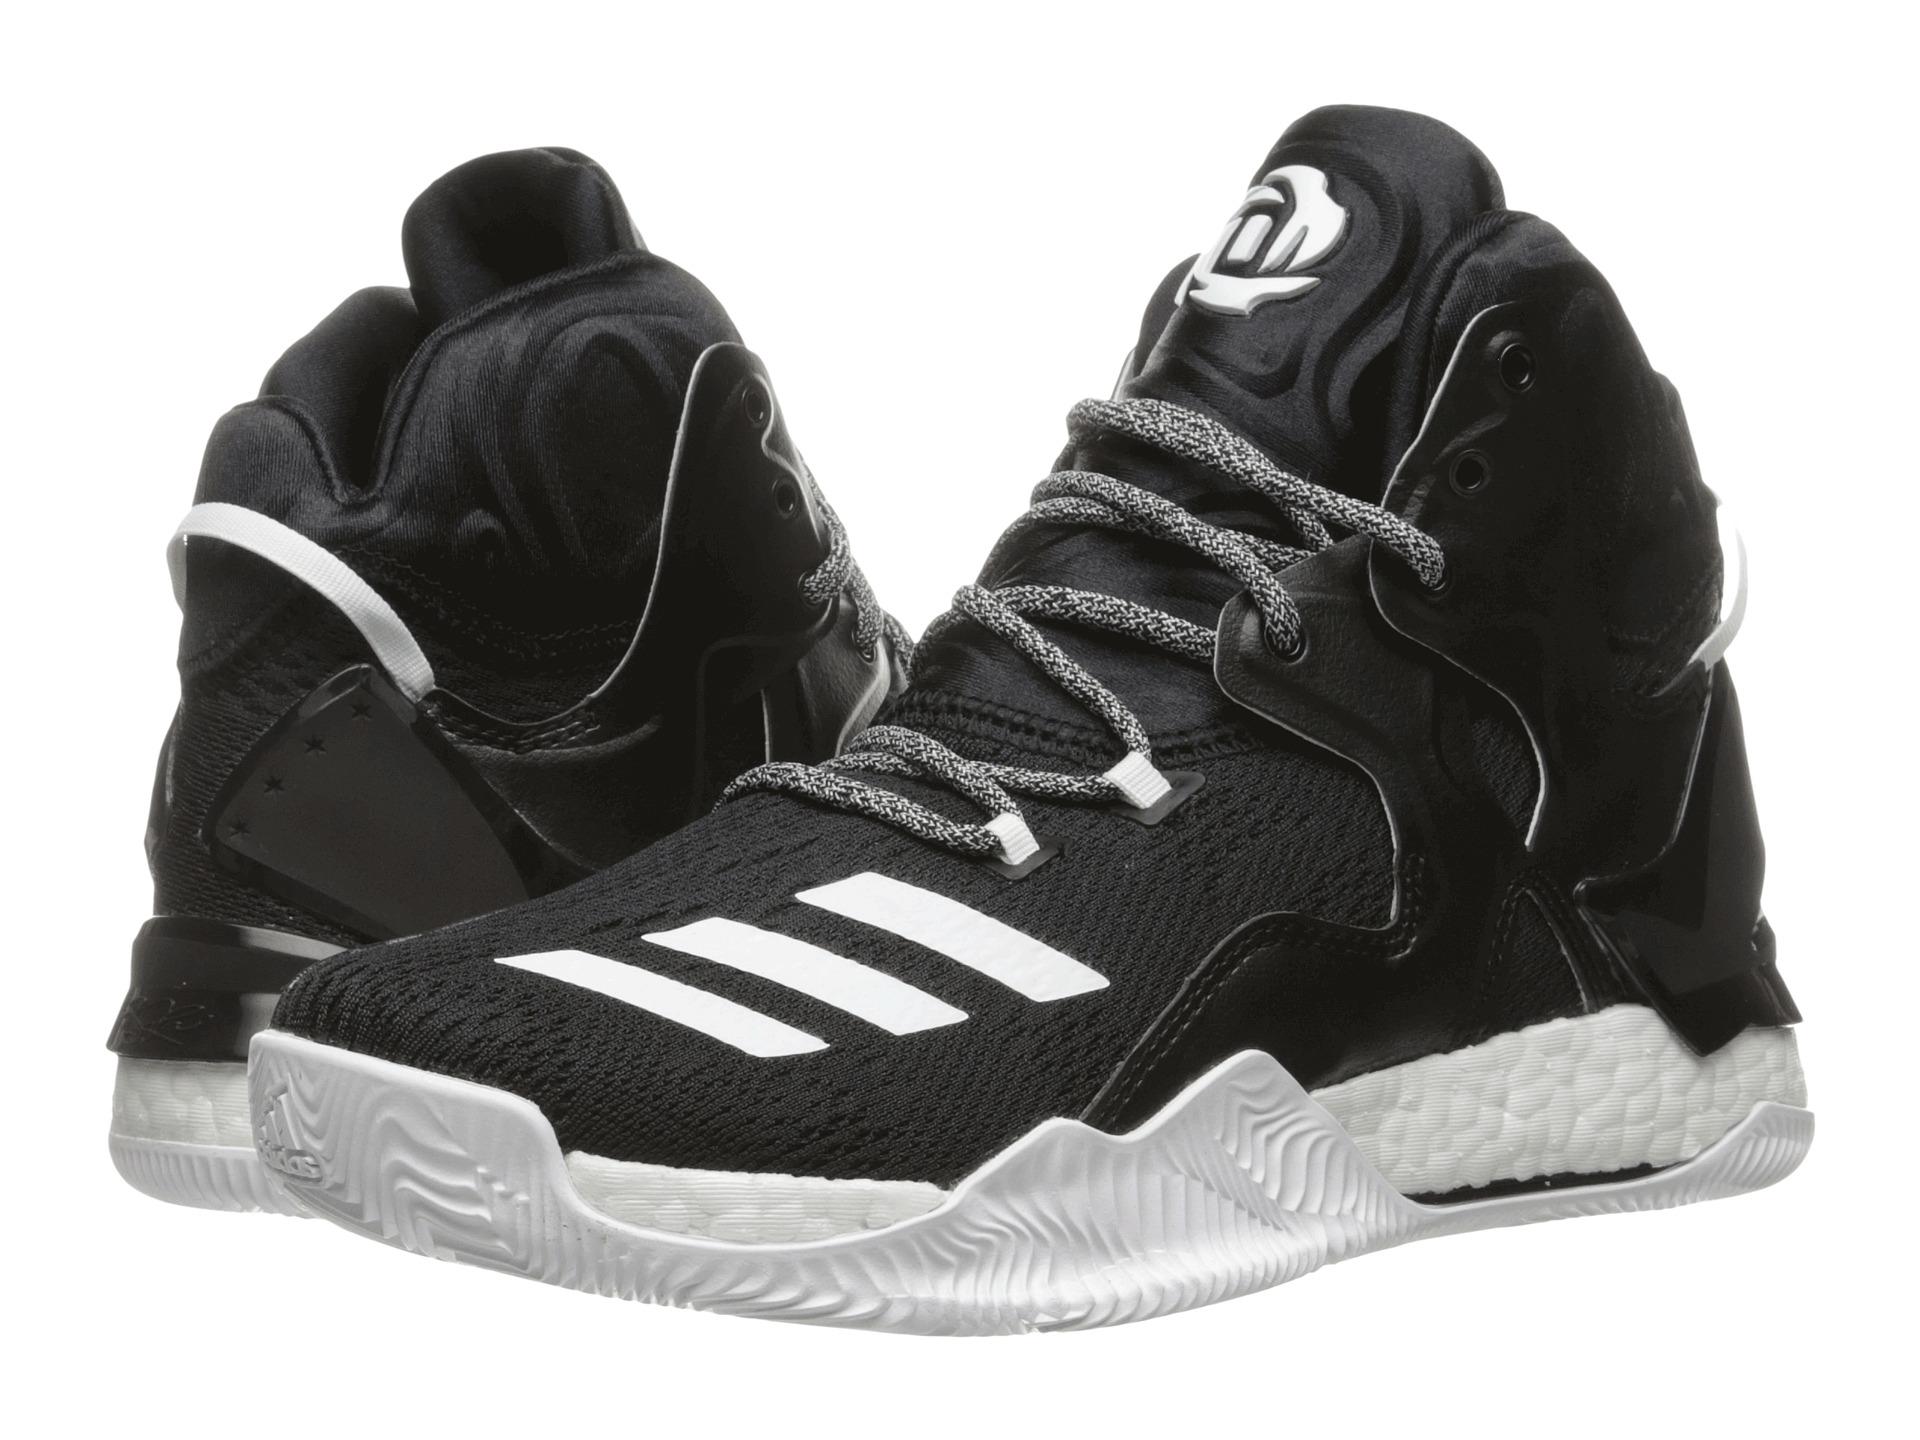 Adidas Rose 7 Black/Scarlet